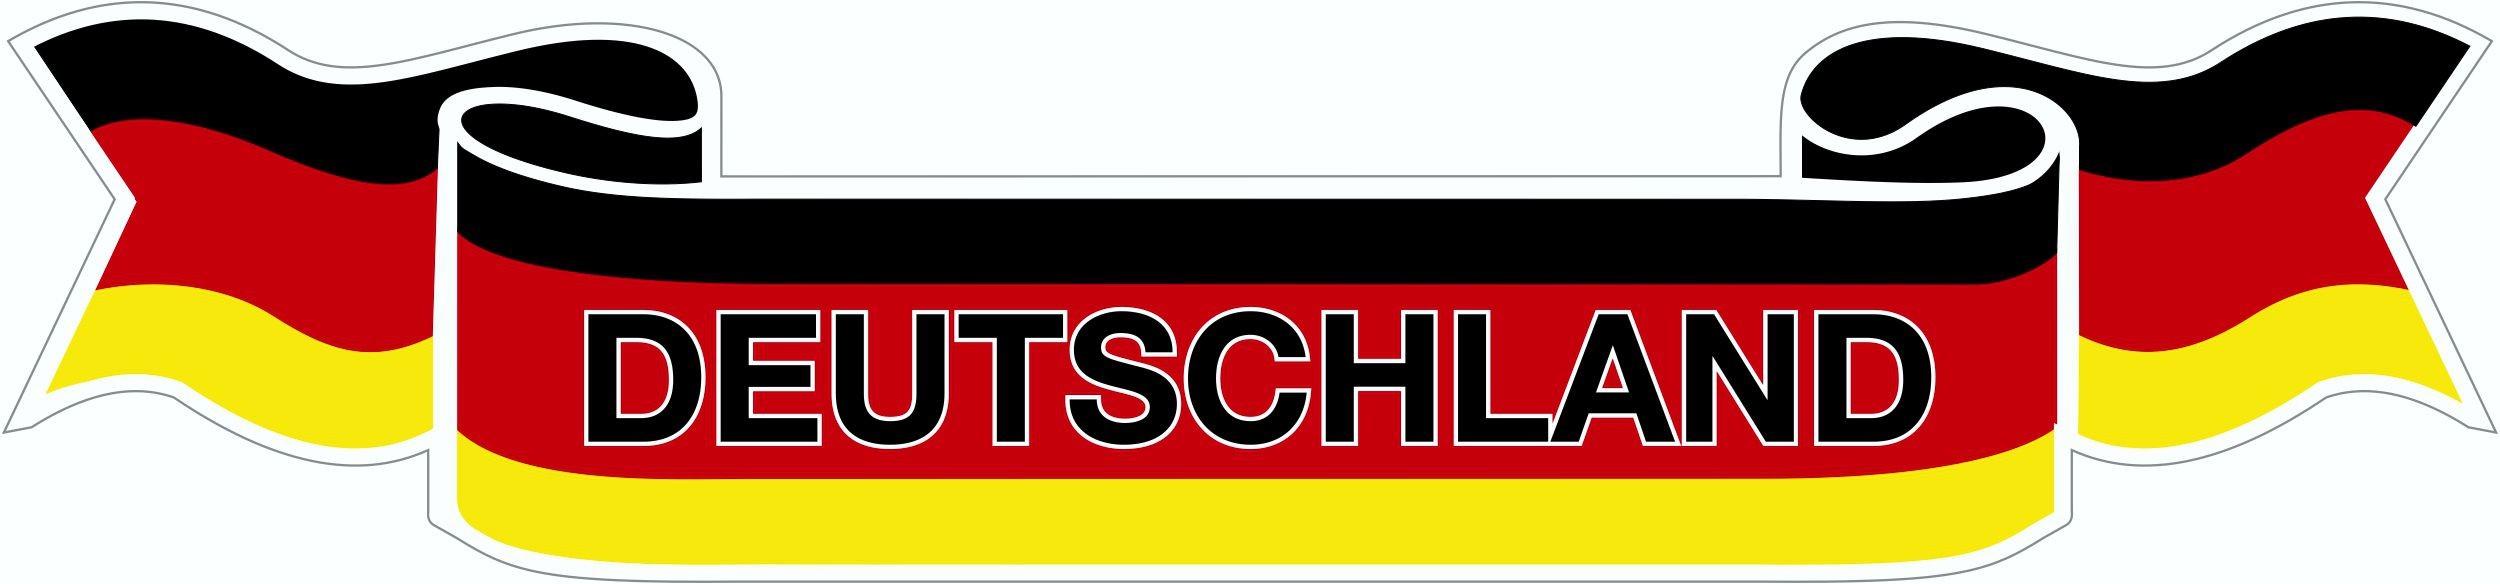 Aufkleber Flagge Deutschland 100 x 430 mm Deutschland Fanartikel Olympia – Bild 1